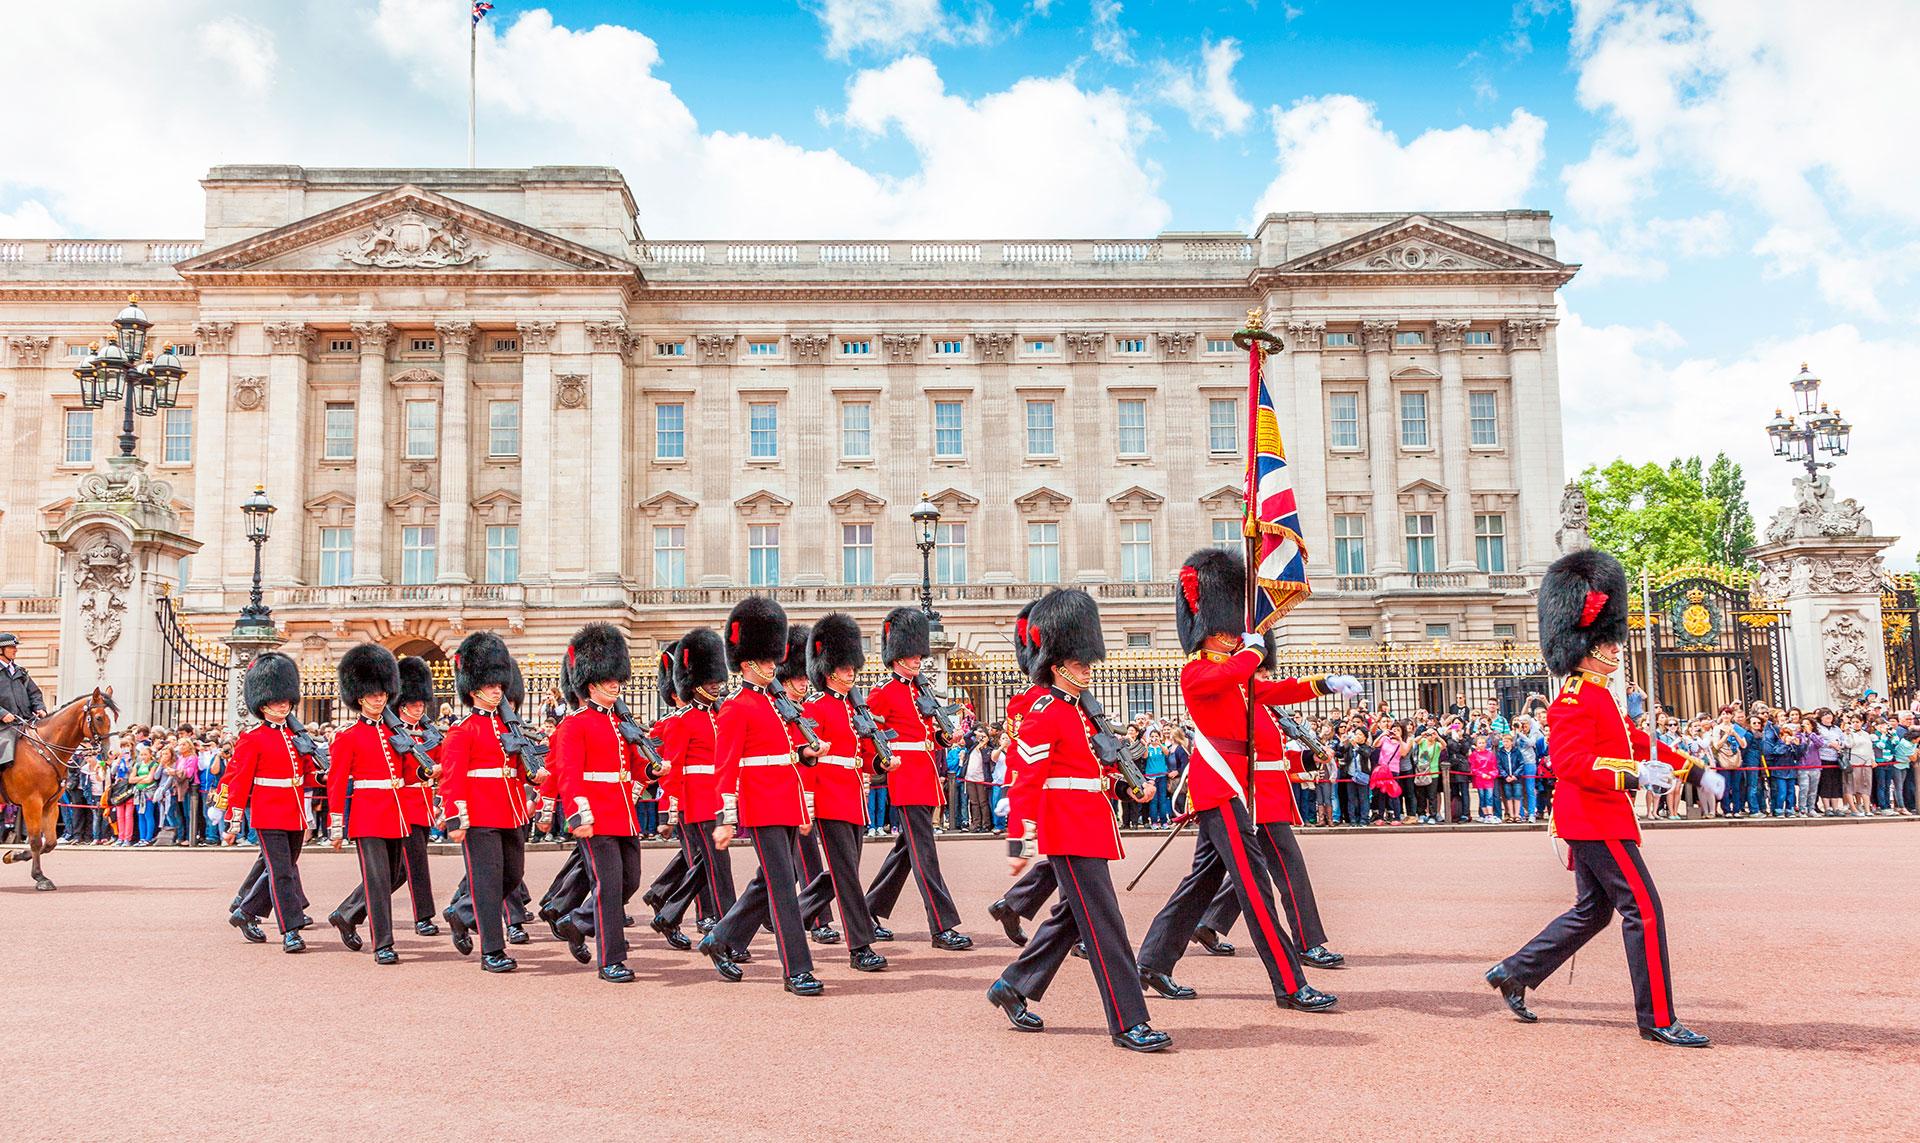 El Palacio de Buckingham es la sede administrativa de la monarquía británica con un total de 775 habitaciones. Los turistas que programan sus visitas correctamente pueden presenciar la ceremonia del Cambio de Guardia, e incluso pueden echar un vistazo a un miembro de la familia real